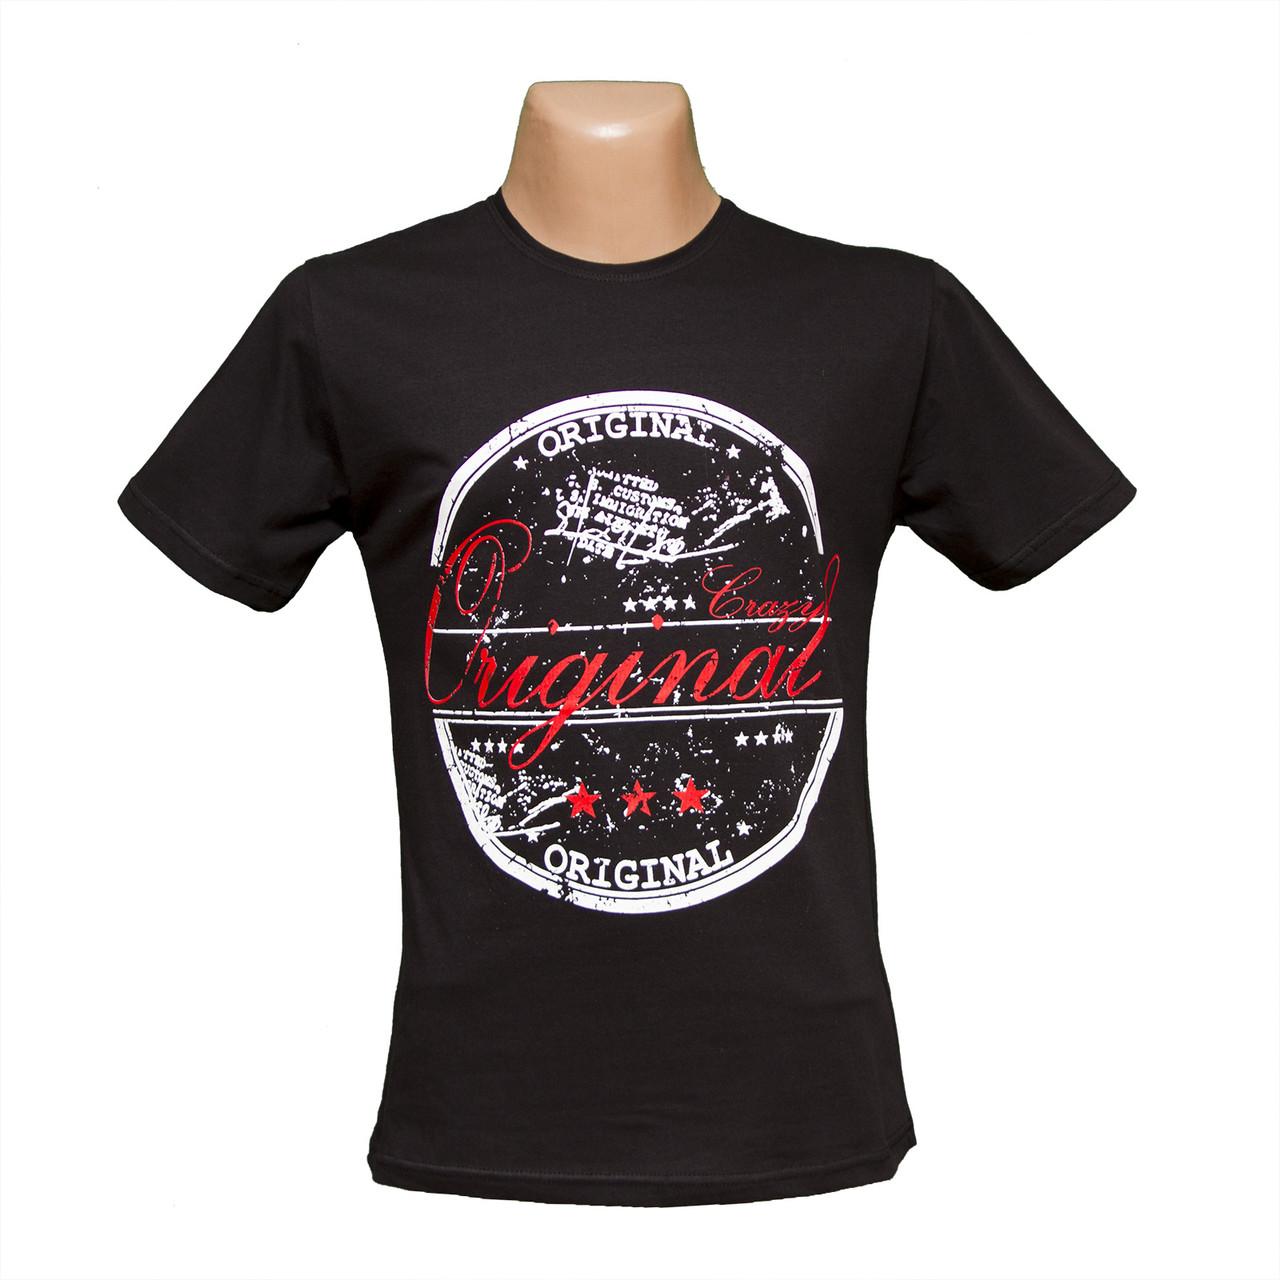 Мужская футболка большие размеры 100% хлопок Турция H4816-1